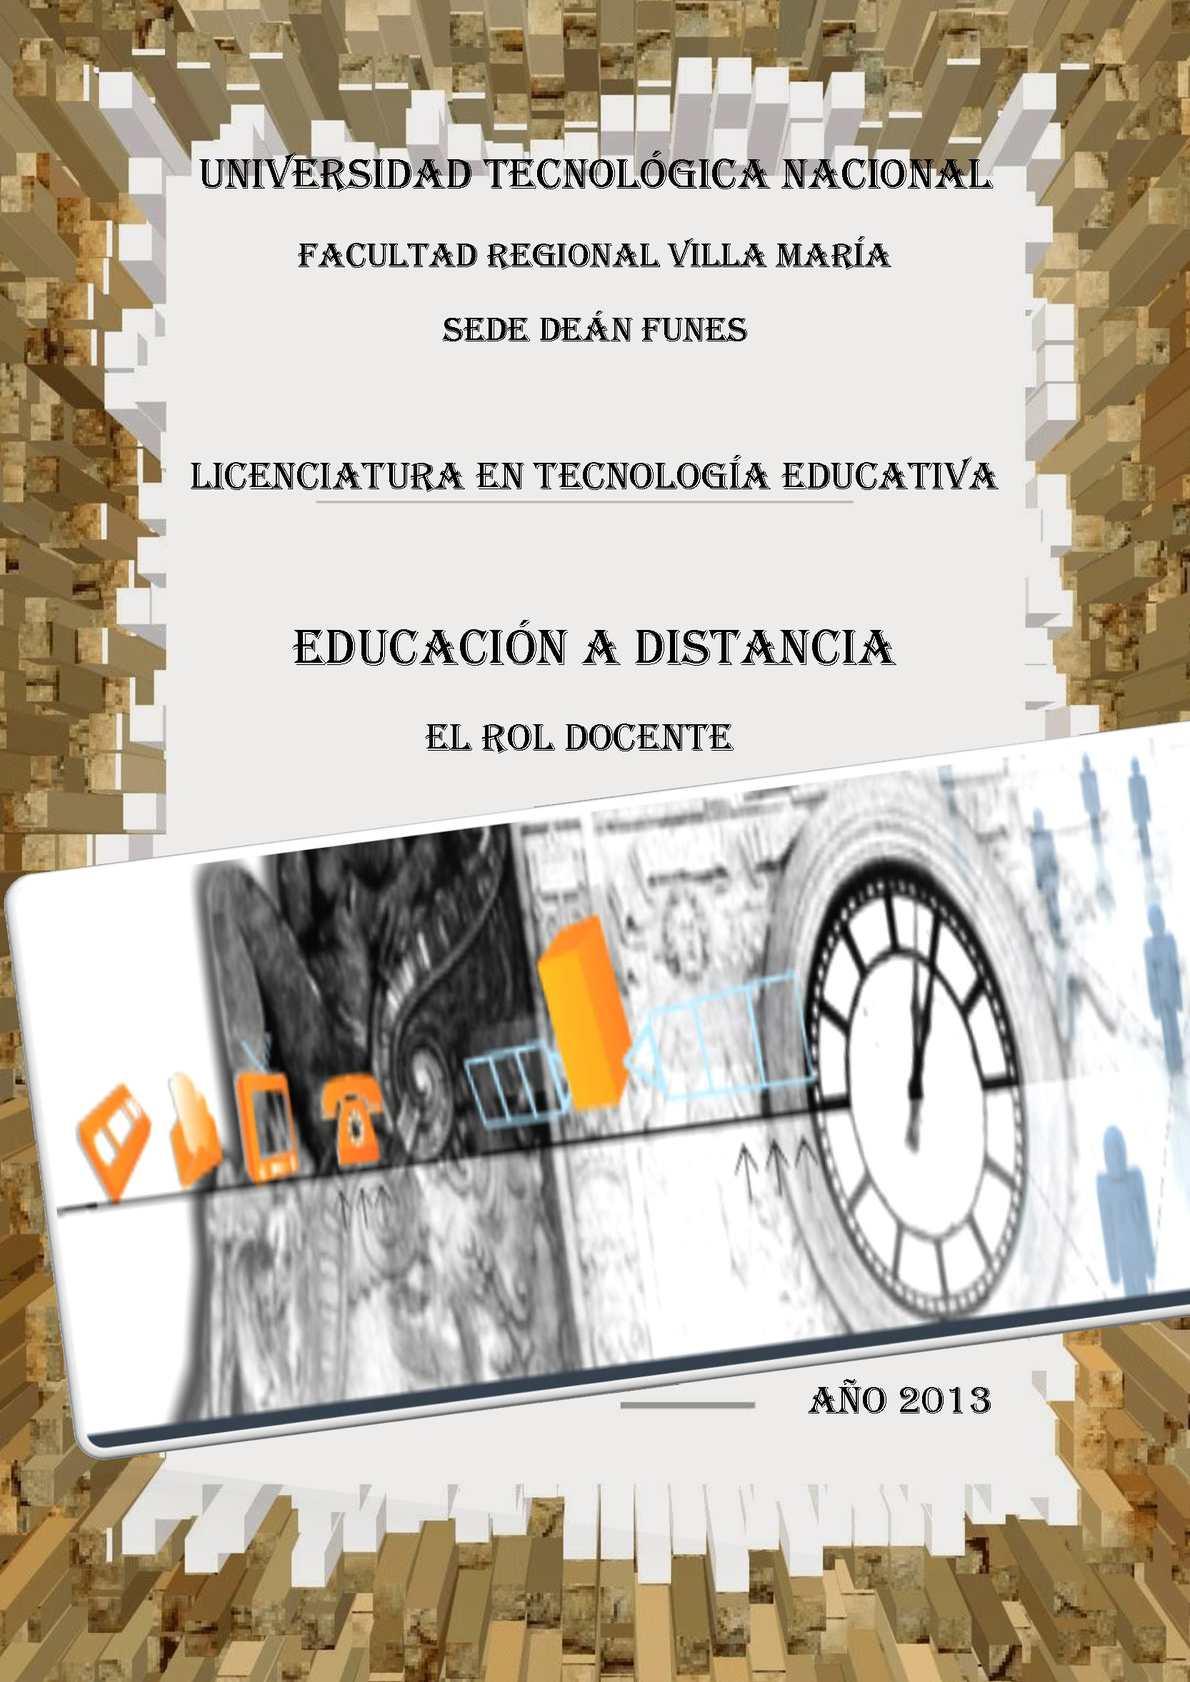 El Rol Docente en la Educación a Distancia.